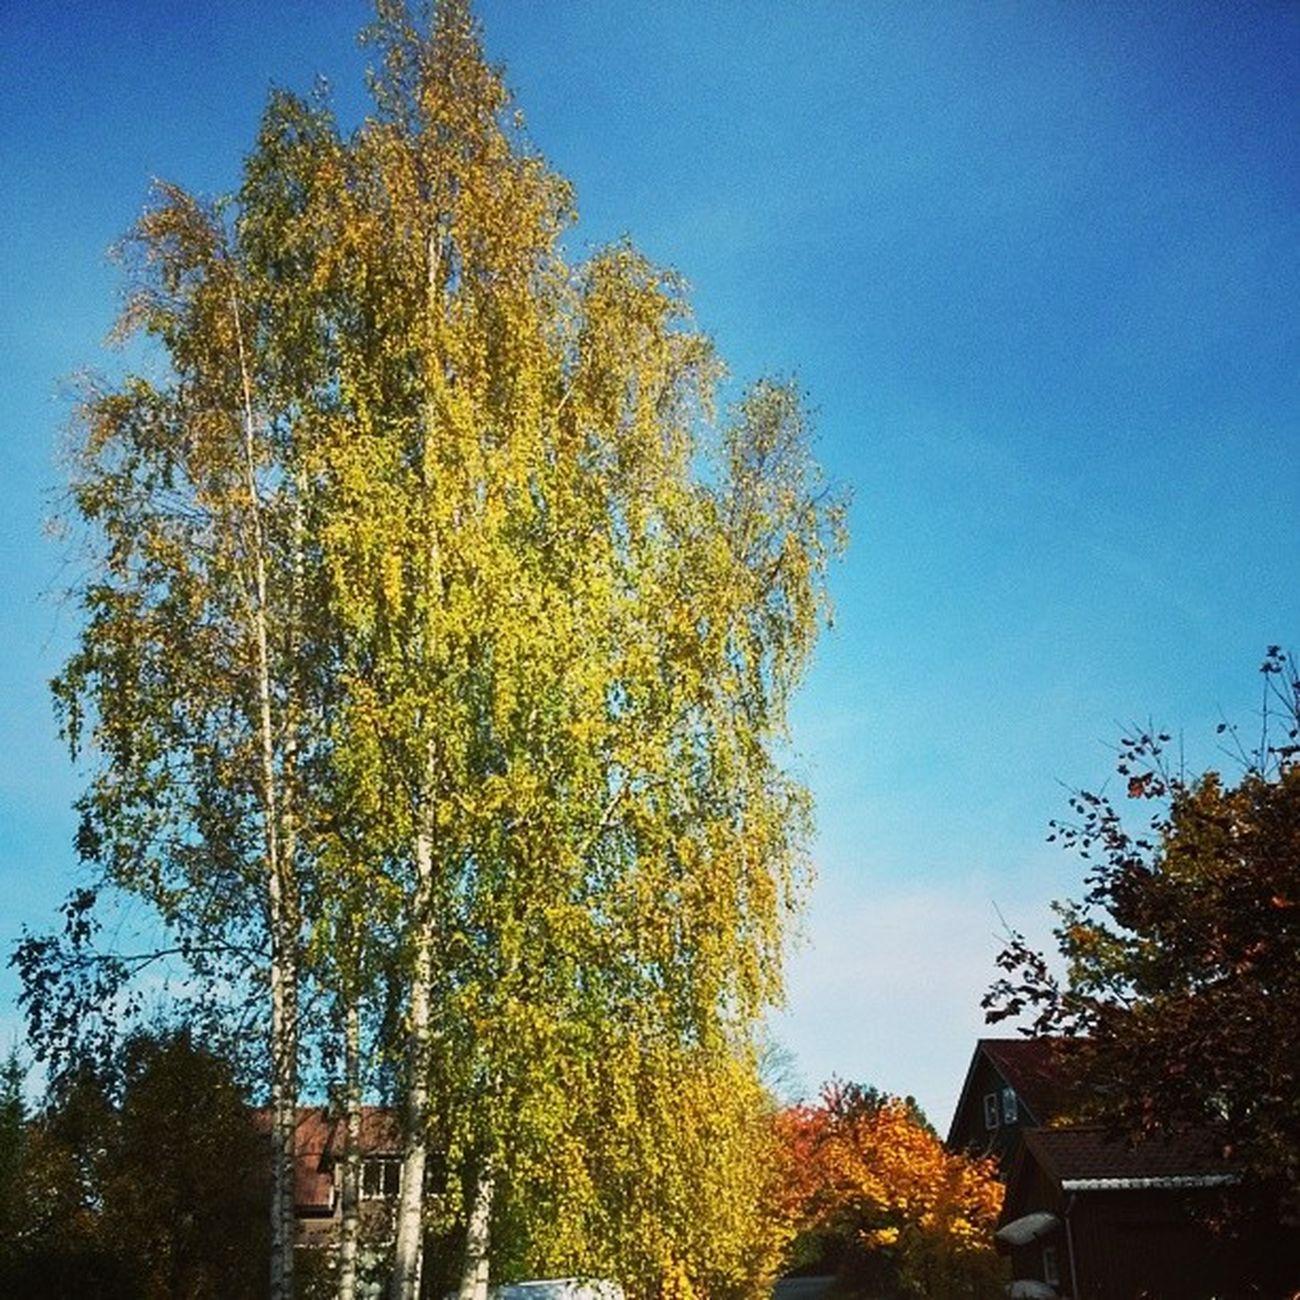 Ilovenorway Ilovenorway_akershus Follo  Worldunion wu_norway autumn høst ås tre tree